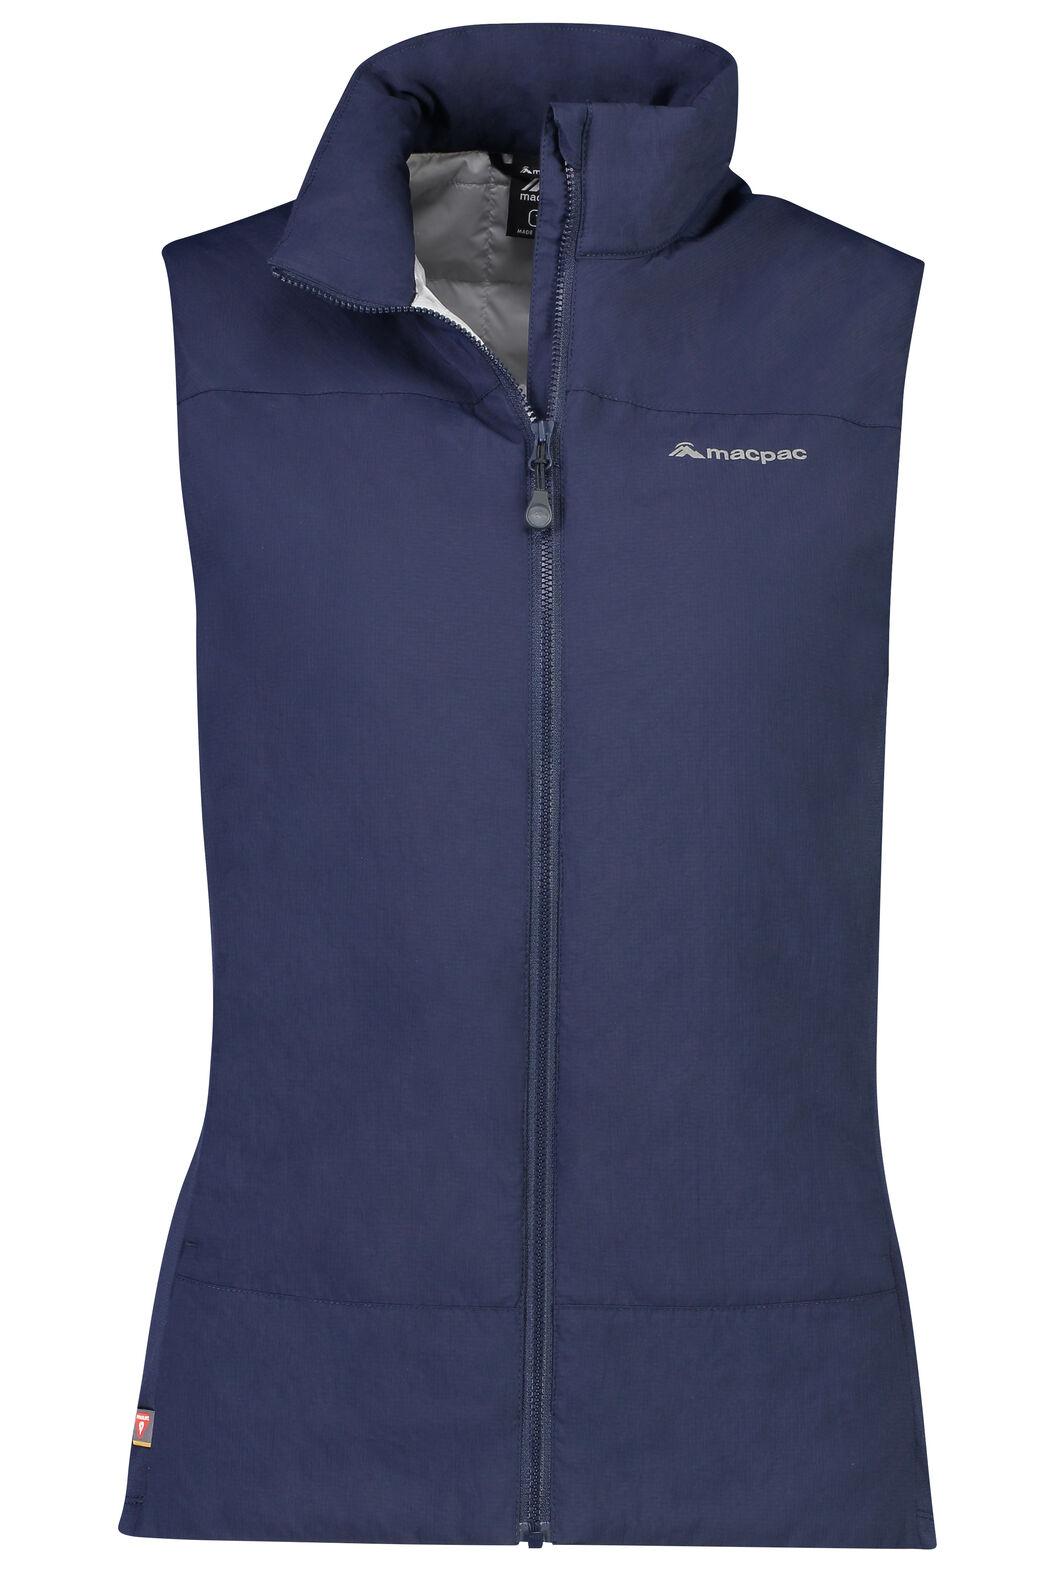 Macpac Ethos PrimaLoft® Vest - Women's, Black Iris, hi-res